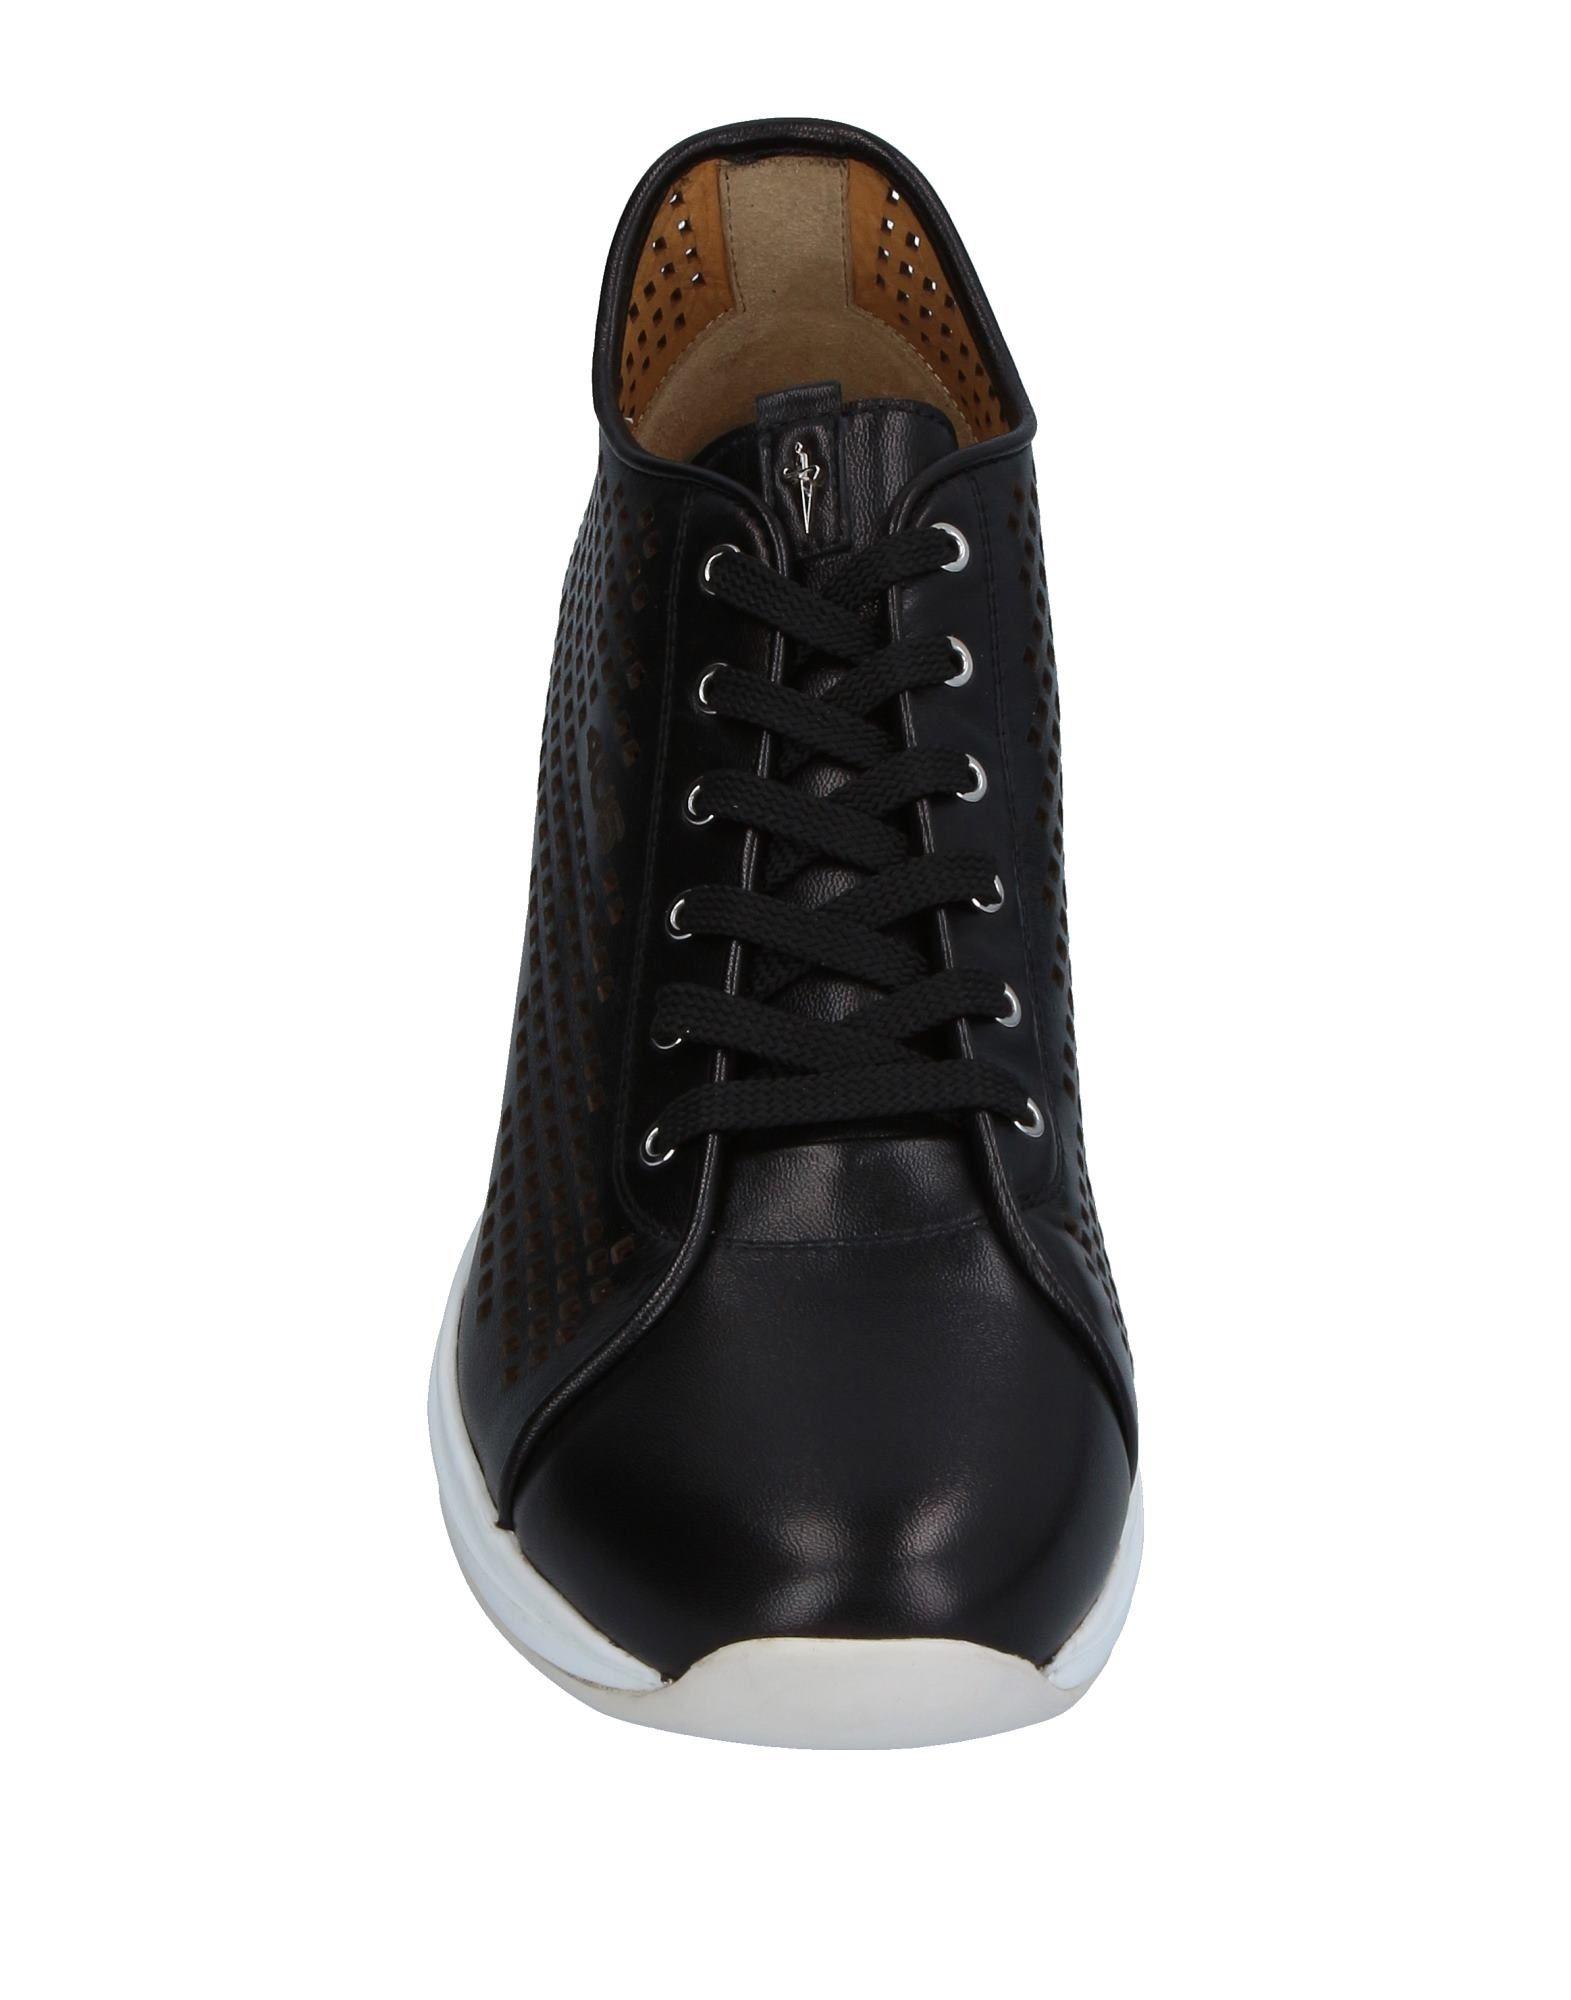 Cesare Paciotti Damen 4Us Sneakers Damen Paciotti  11256691UO Gute Qualität beliebte Schuhe 08c774